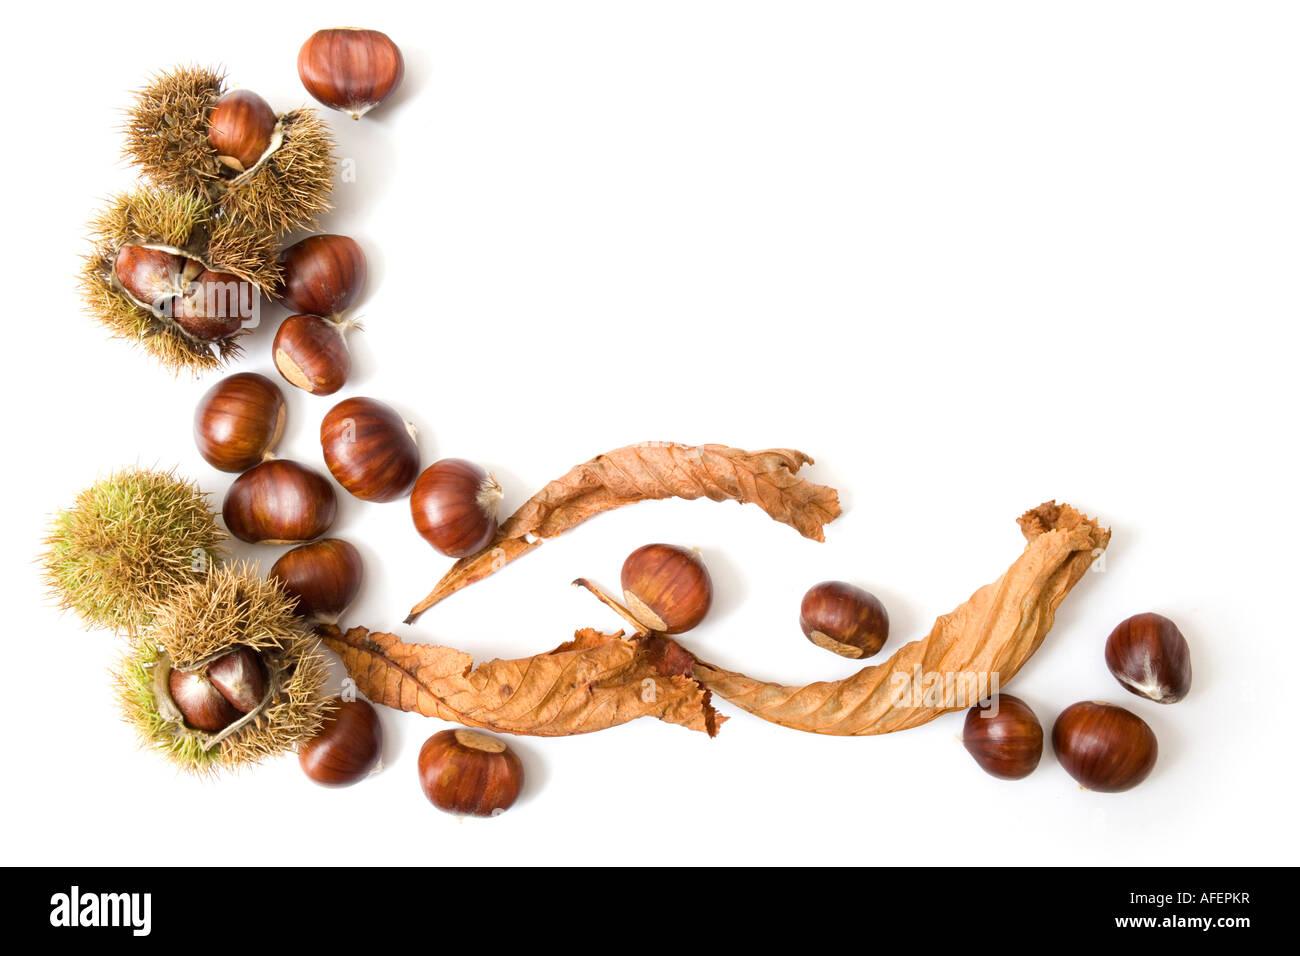 Plantilla de otoño de castañas aislado en blanco con espacio de copia Imagen De Stock